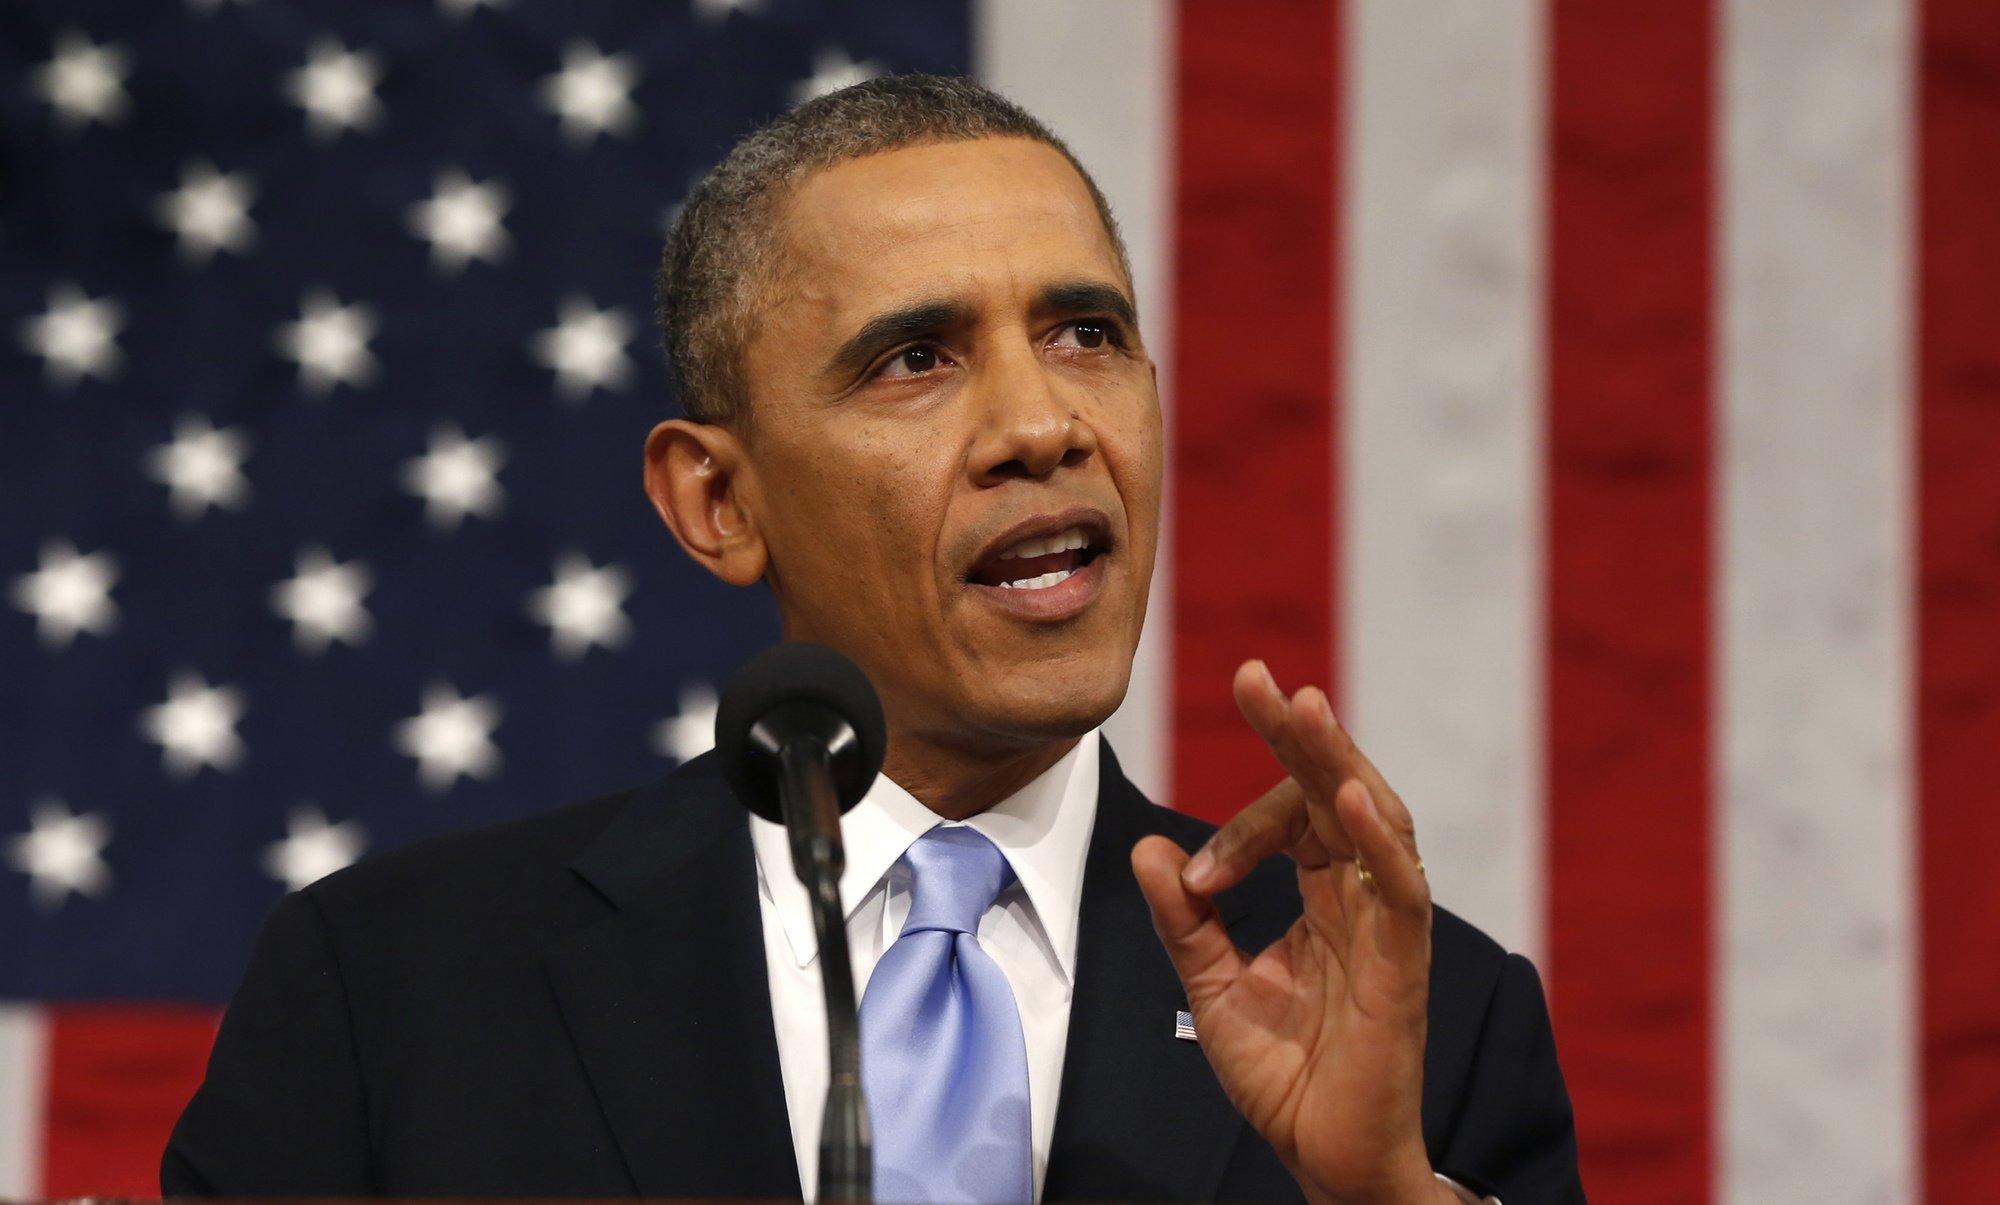 EEUU: Obama viajará a Cuba en marzo